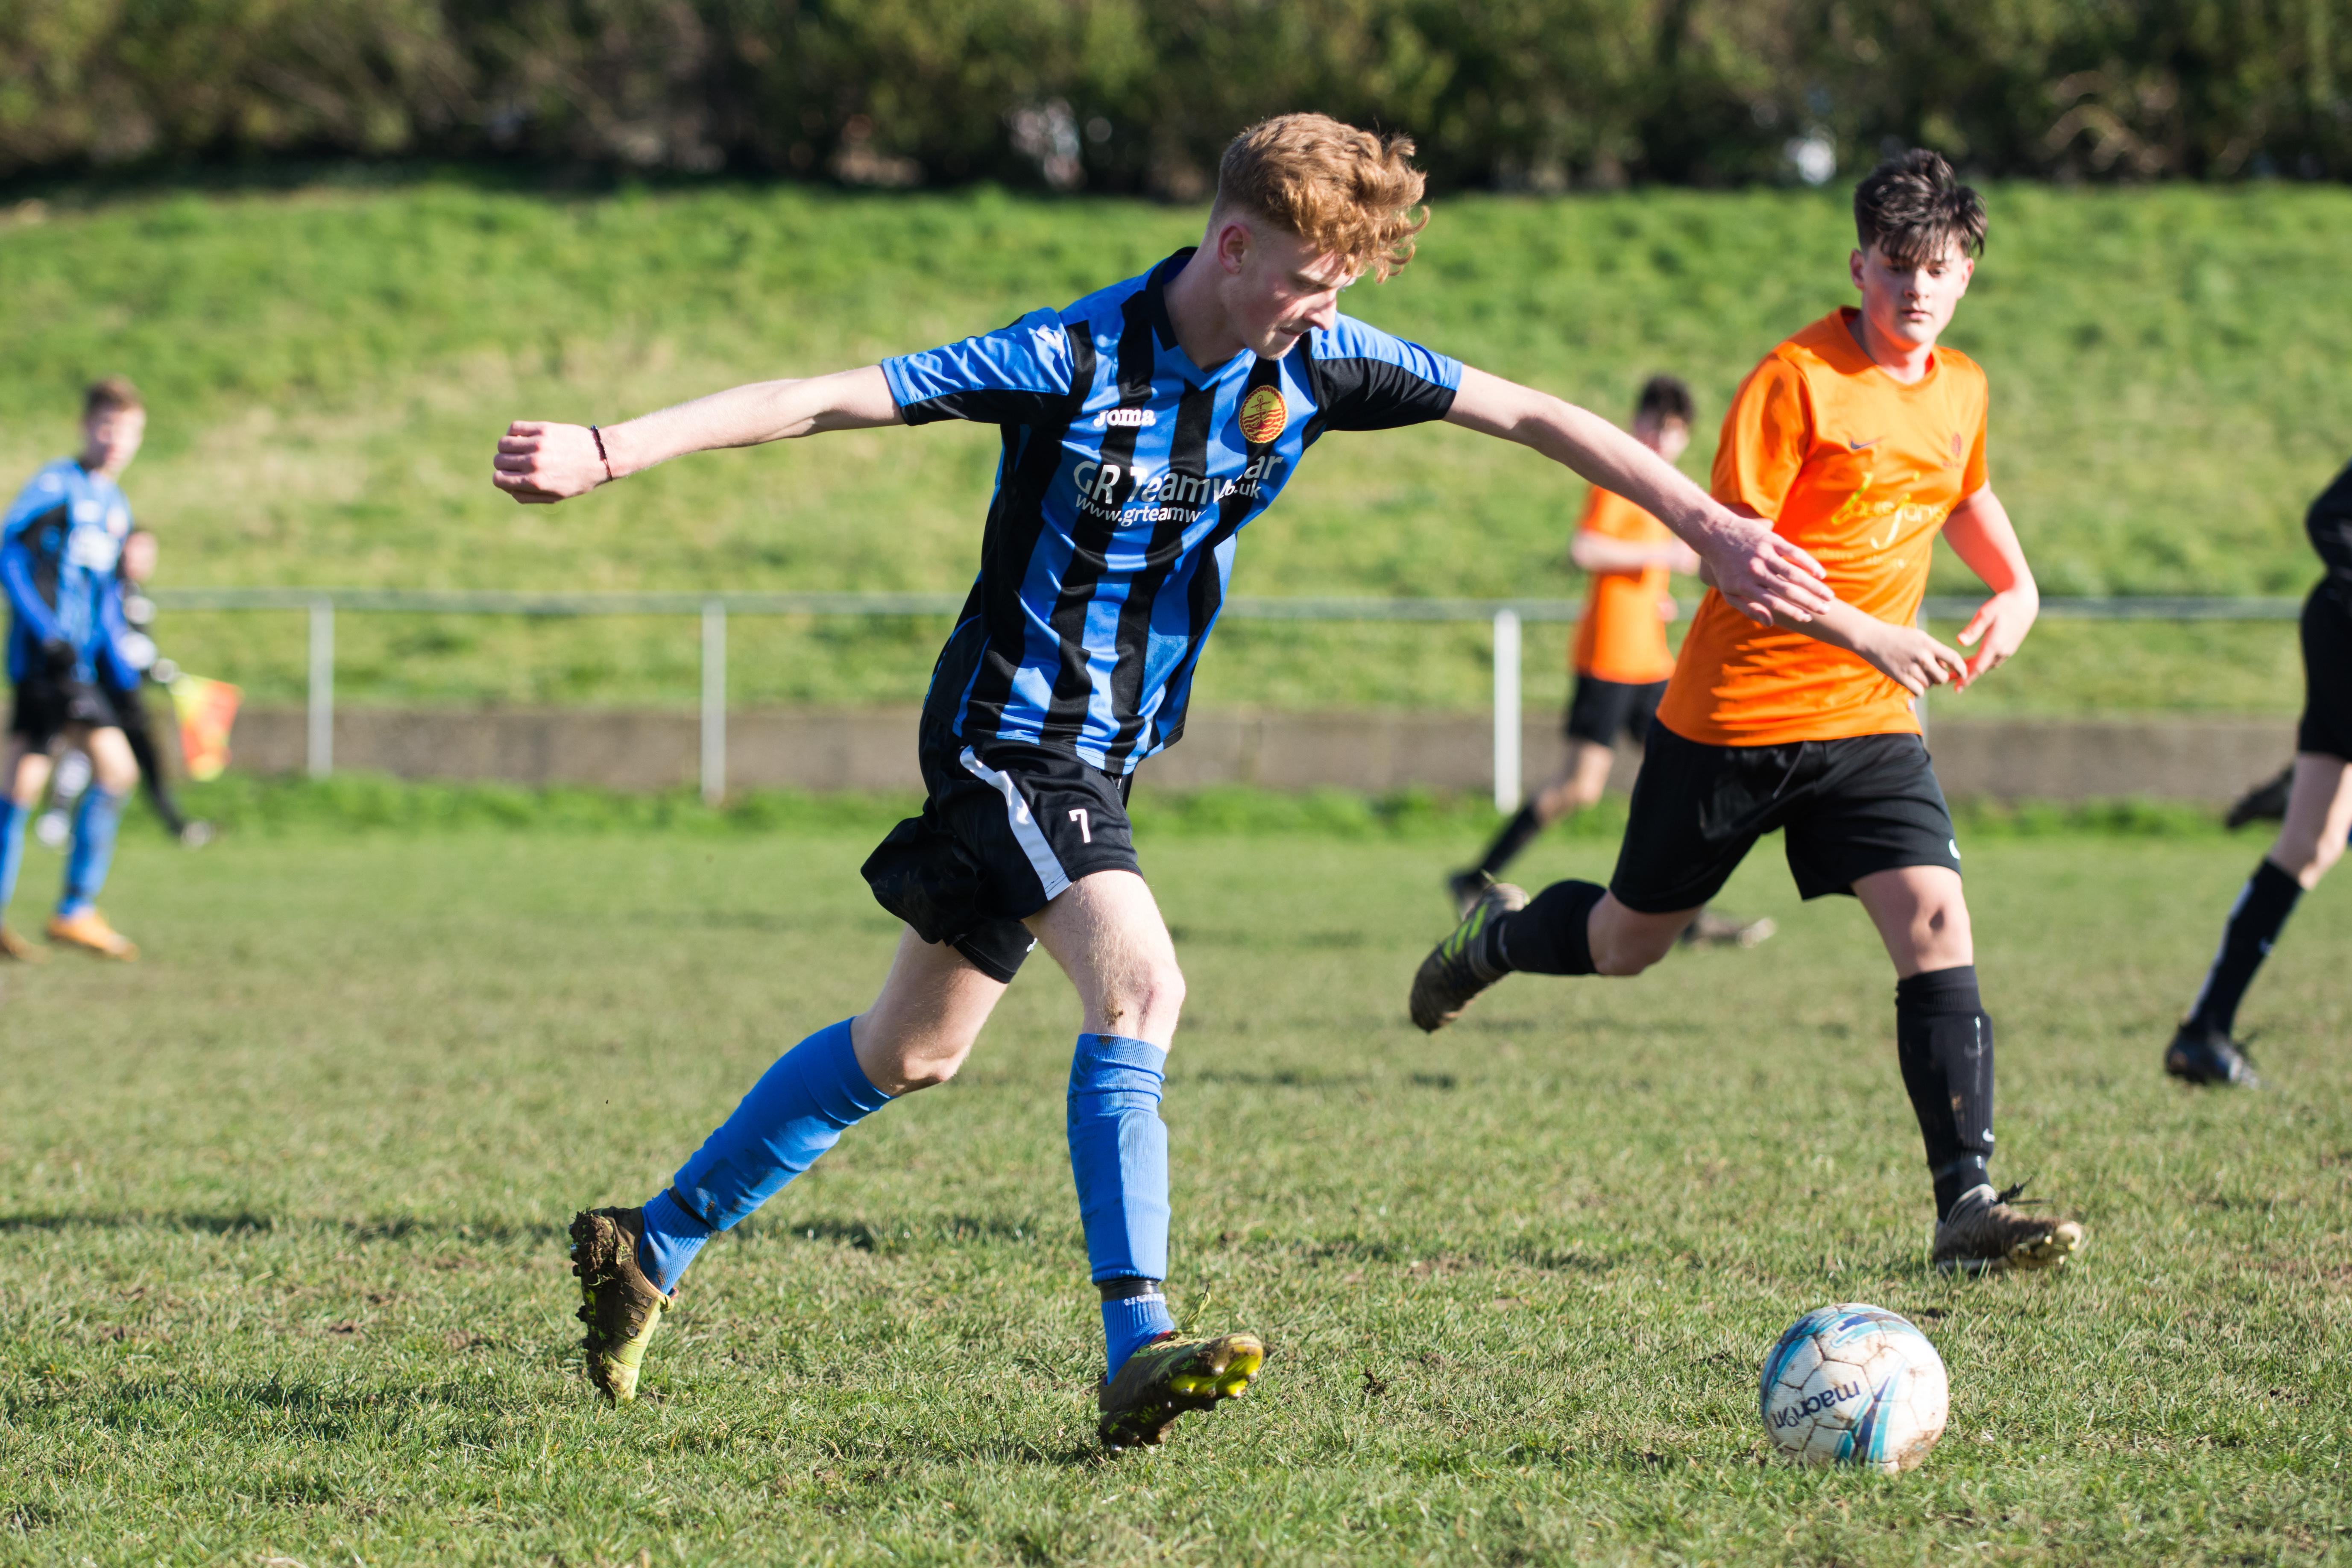 Mile Oak FC U18s vs Newhaven FC U18s 04.02.18 32